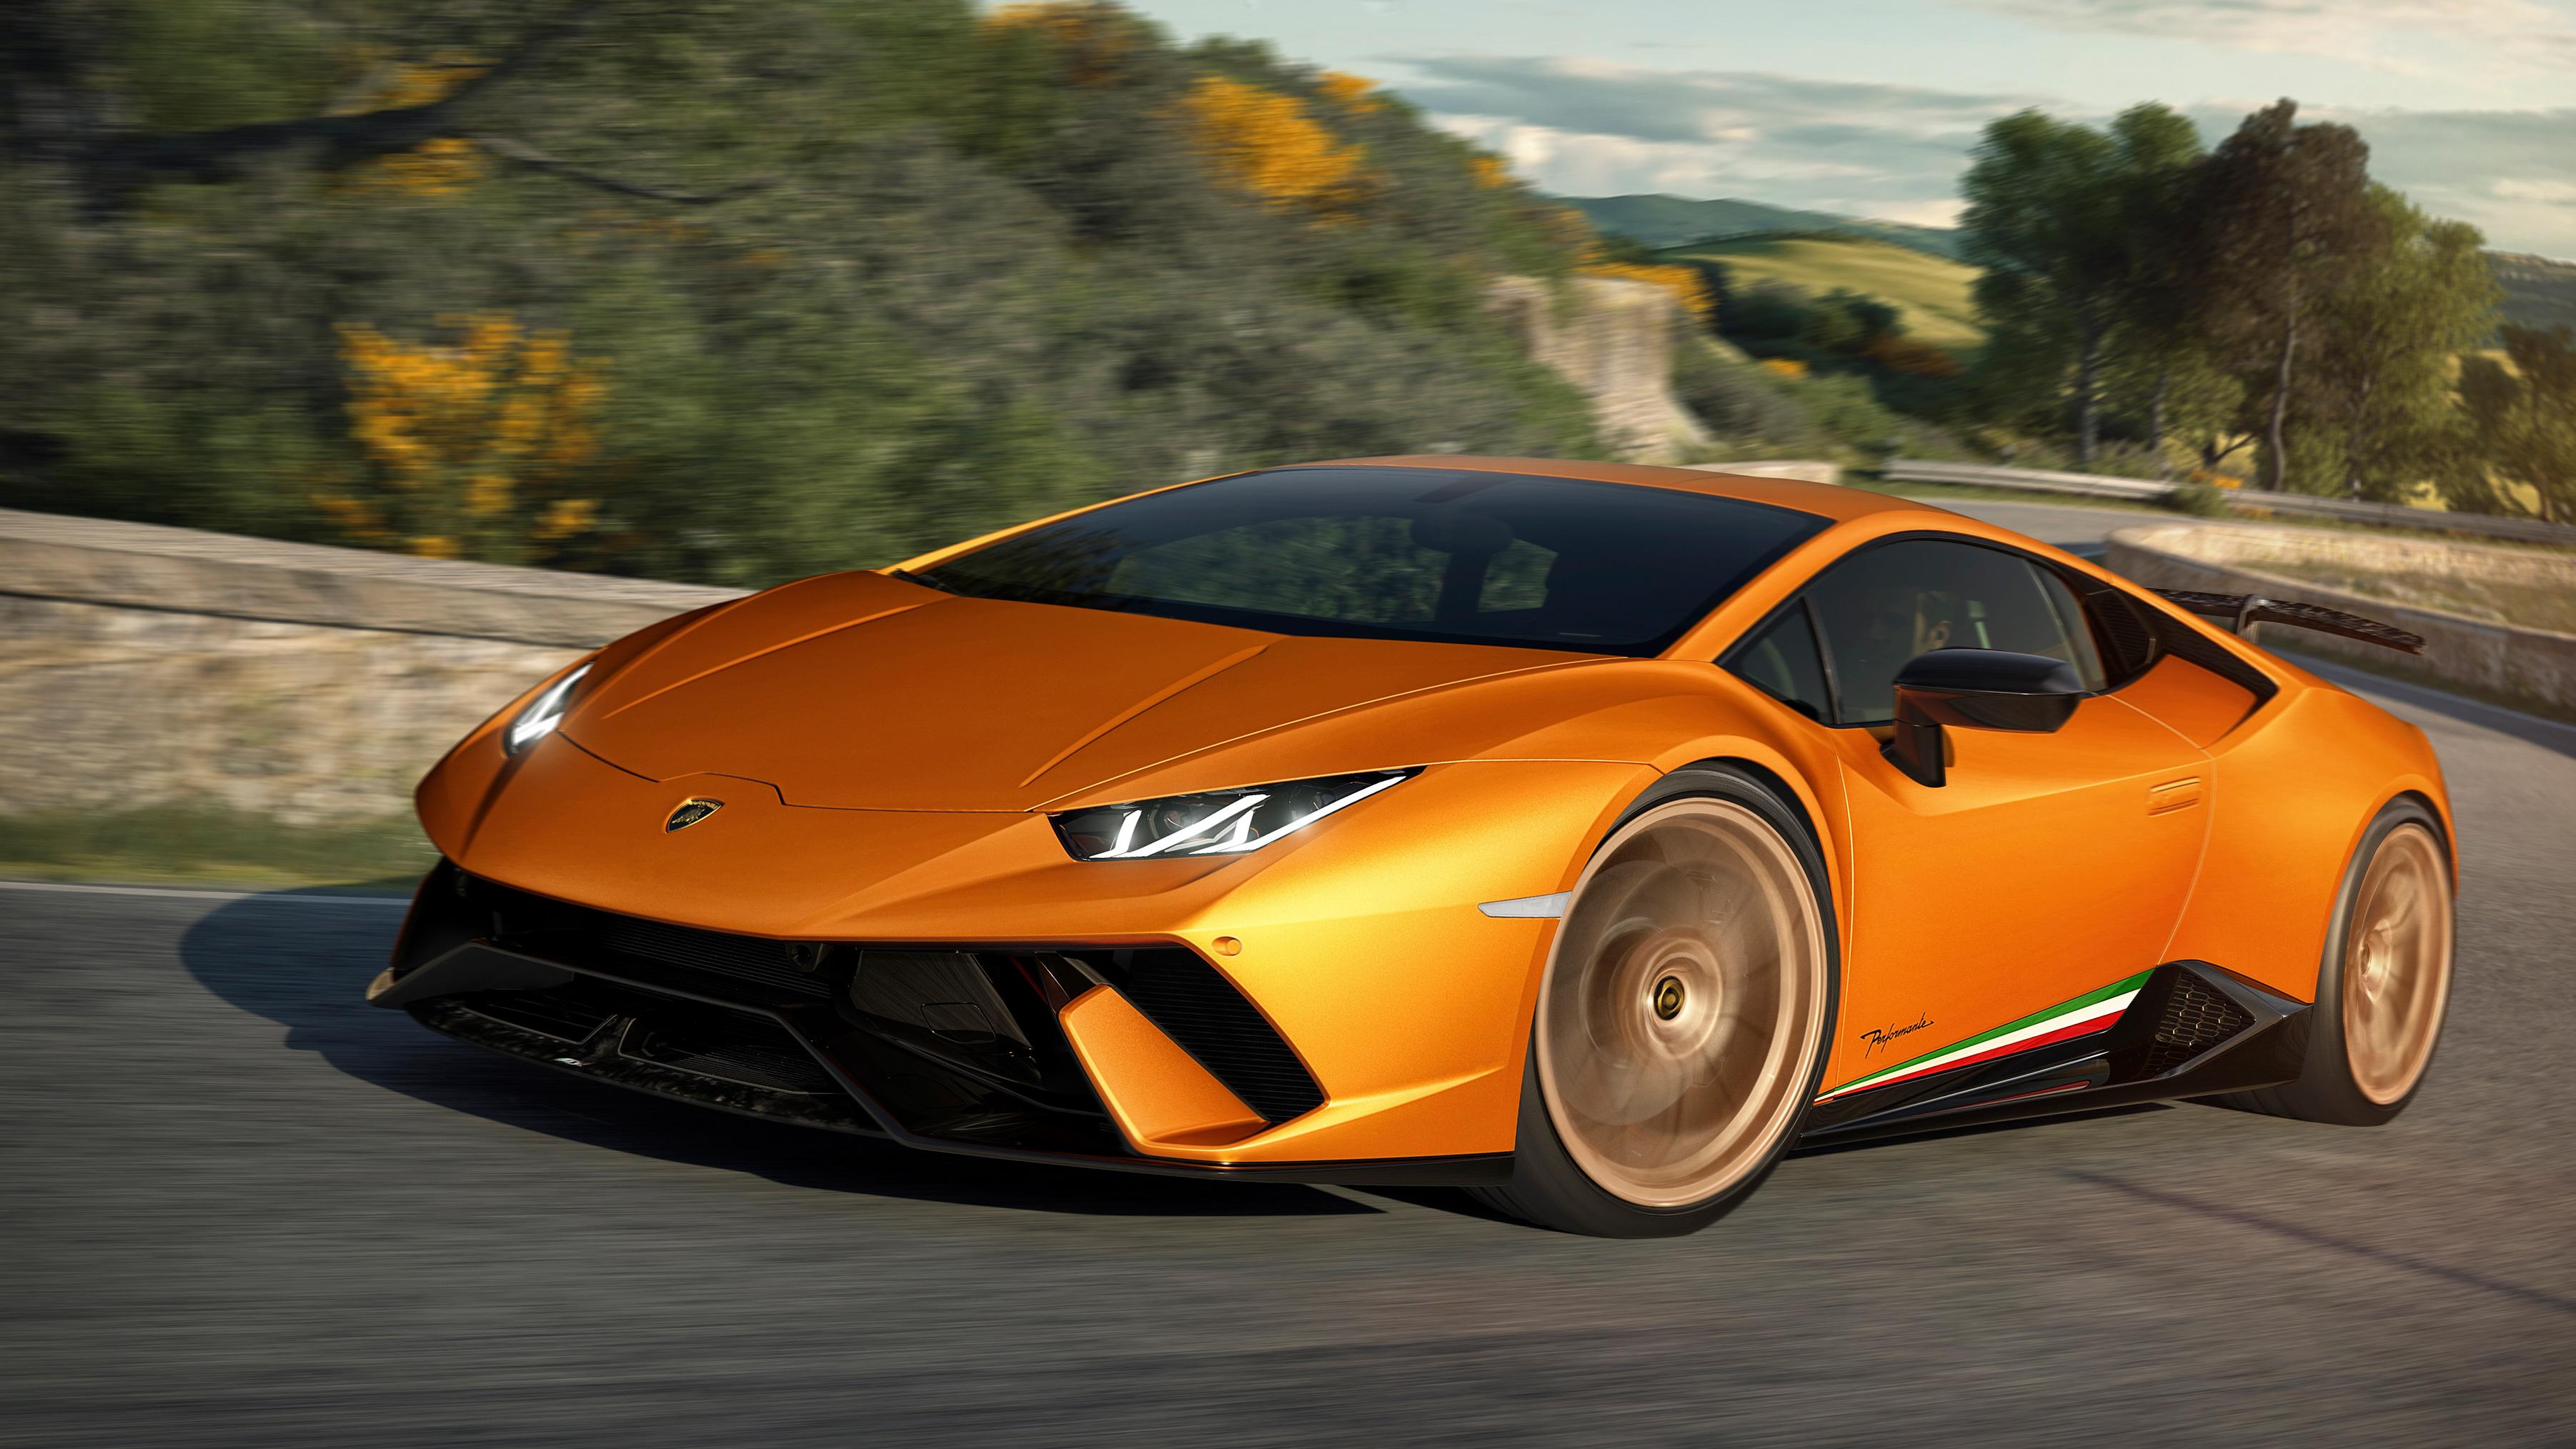 2017 Lamborghini Huracan Performante 4 Wallpaper Hd Car Wallpapers